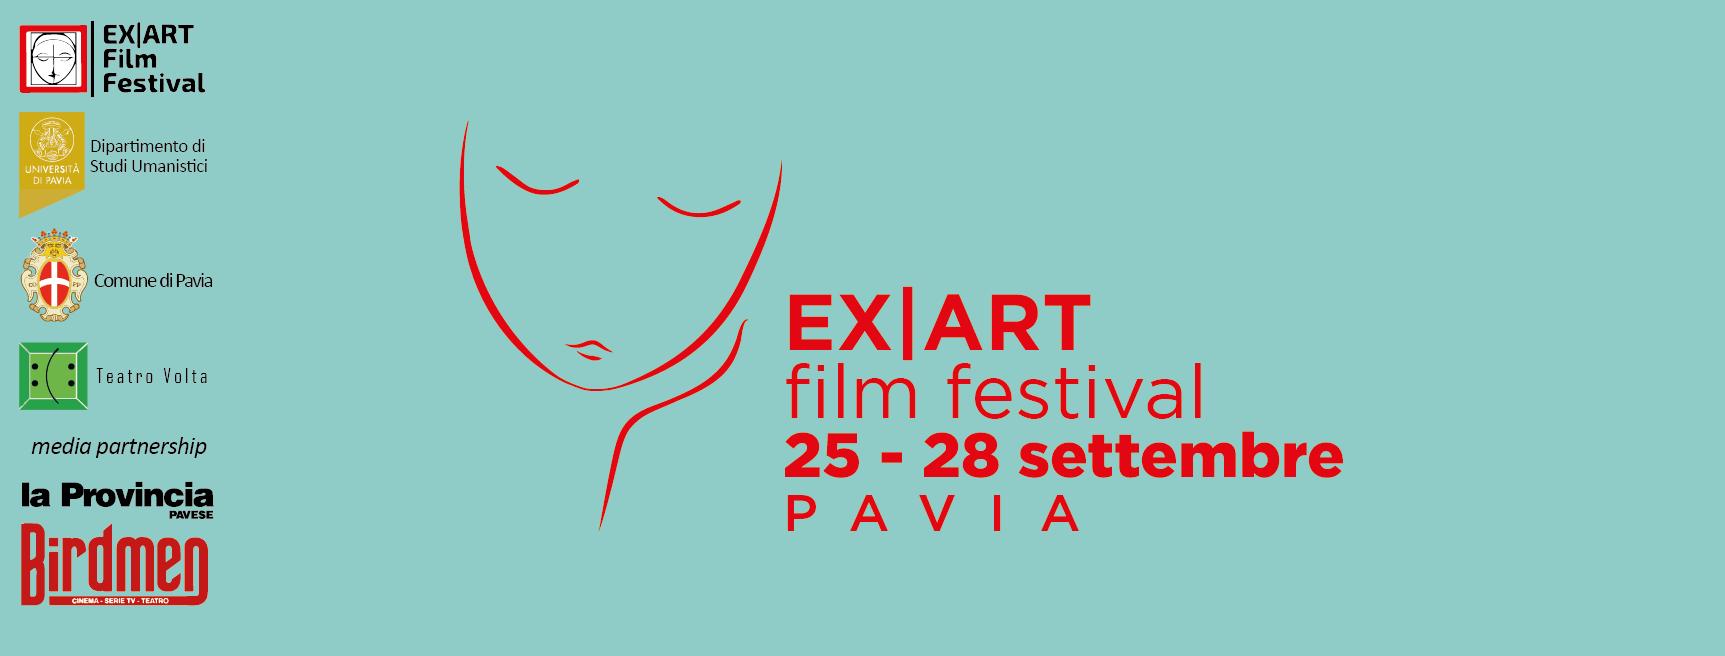 #EAFF2018 - Copertina pagina Fb